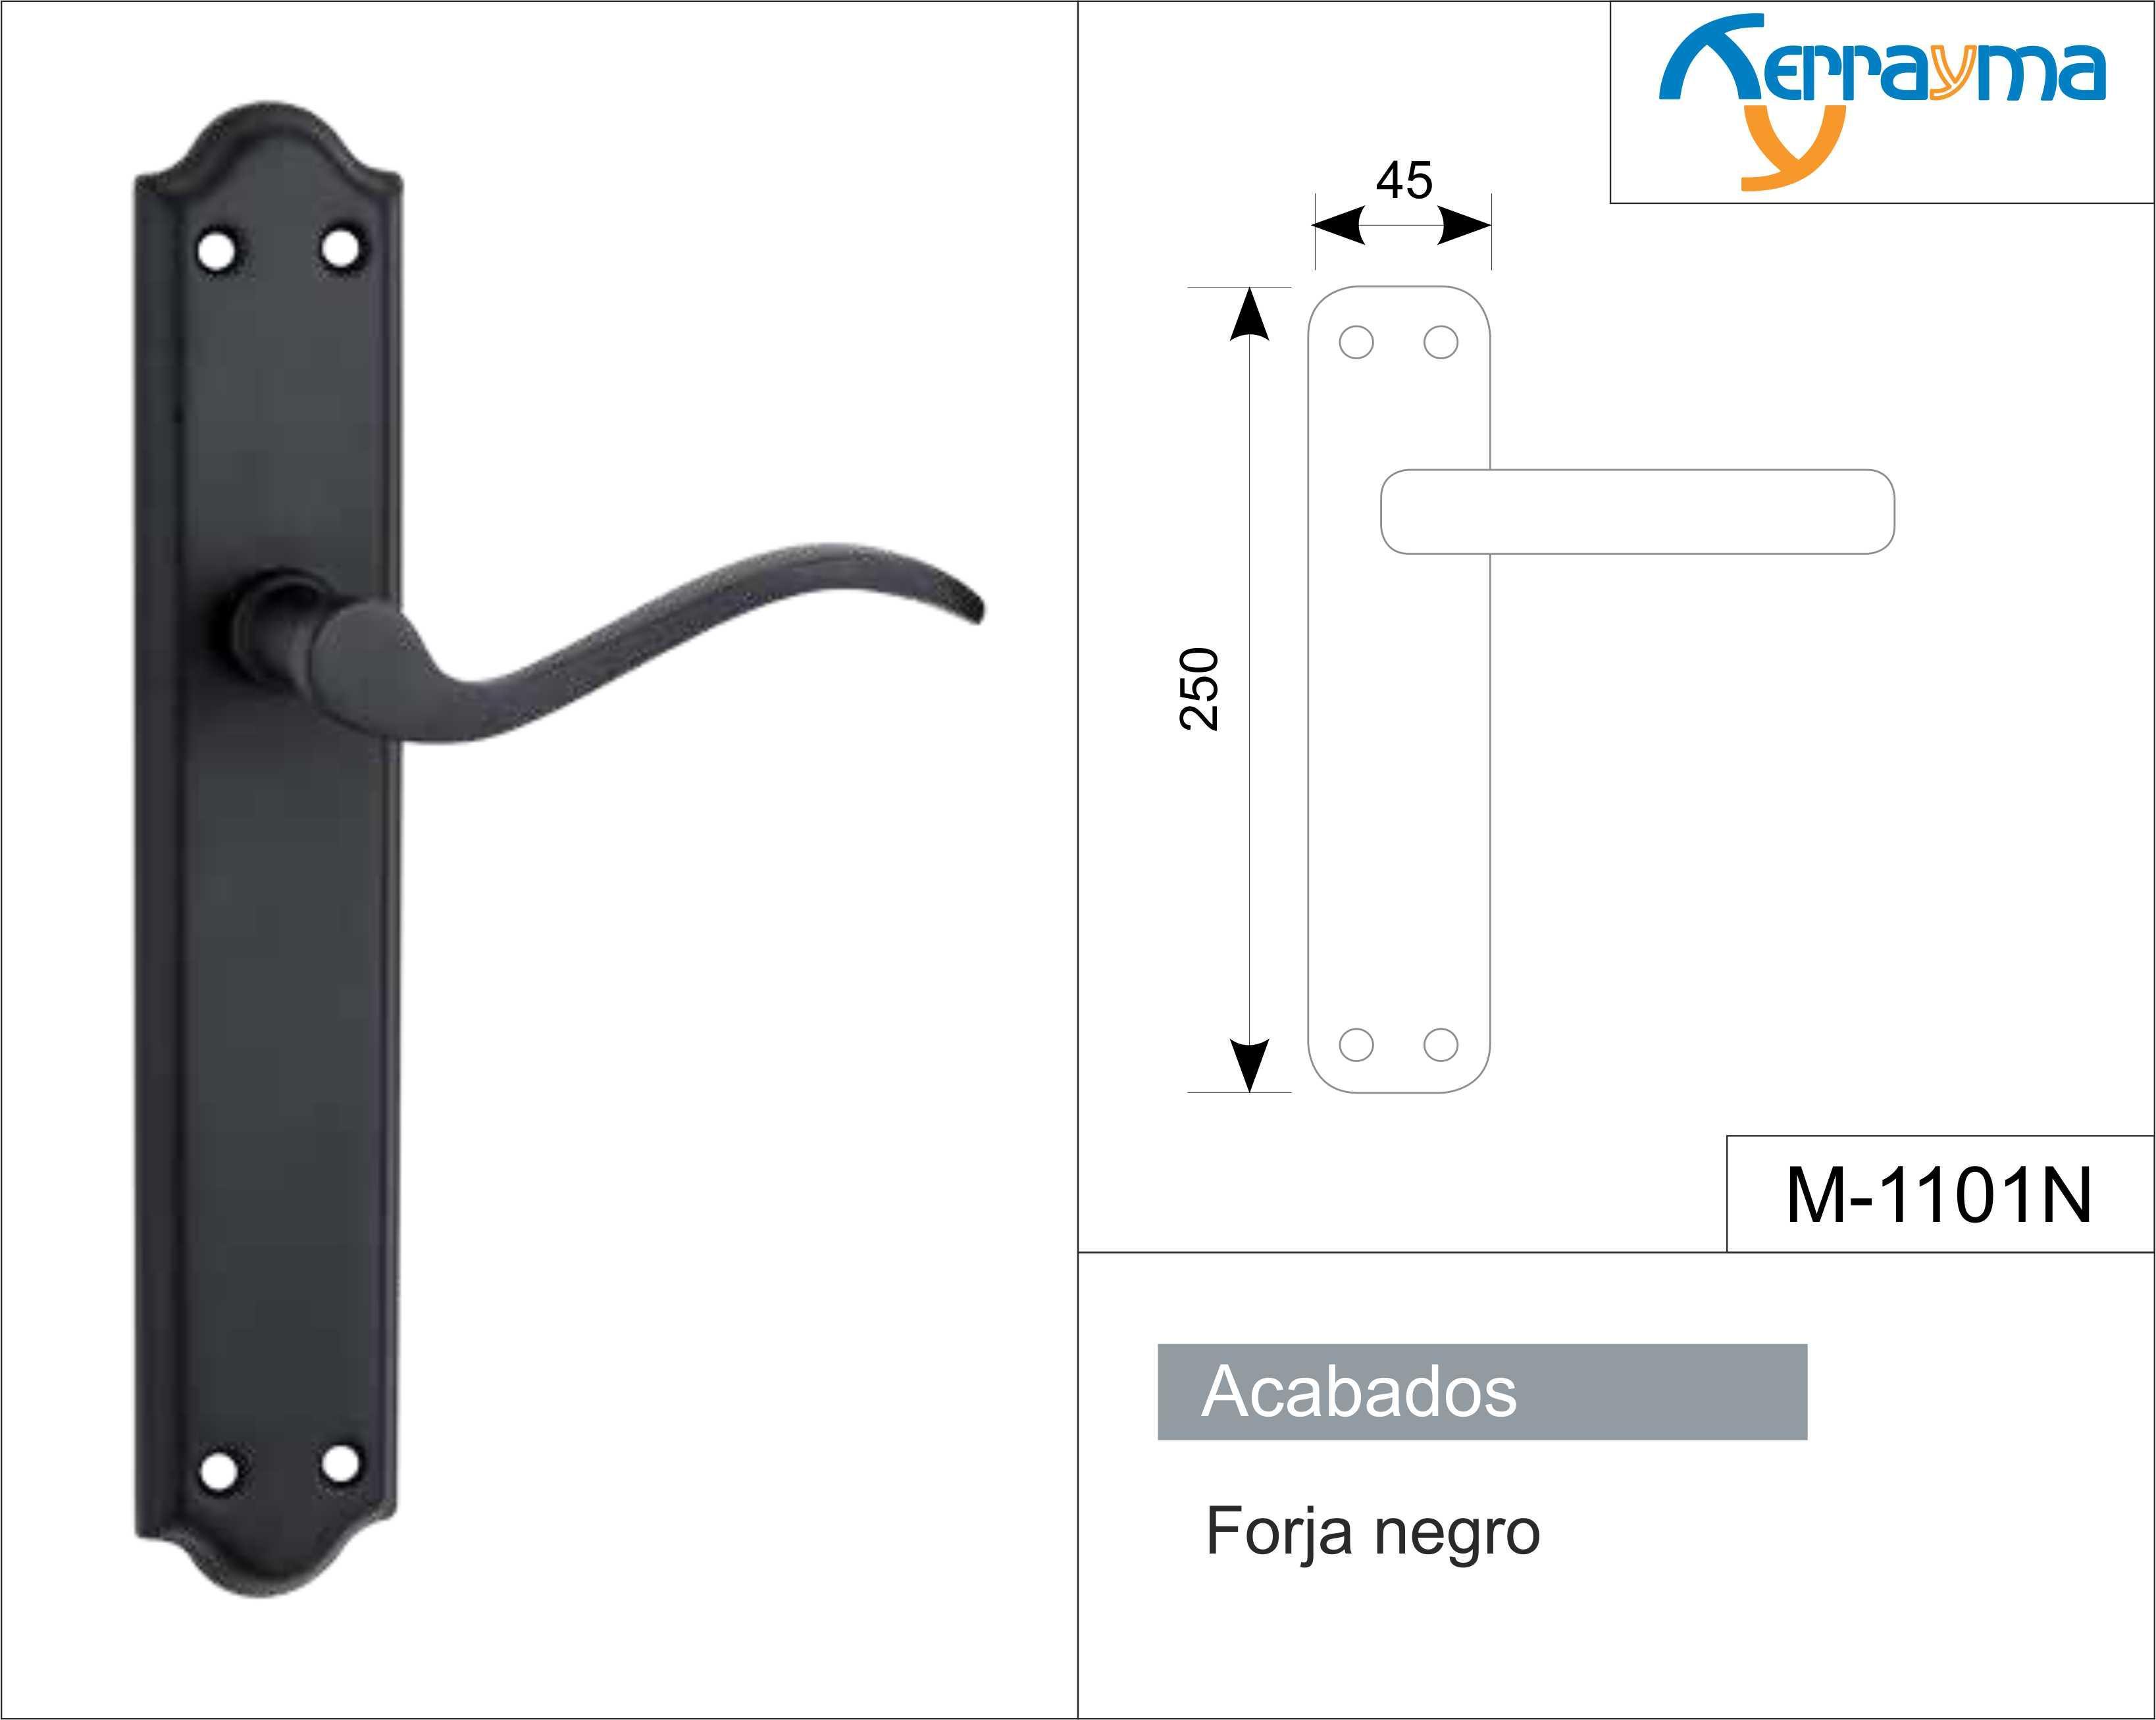 Manilla placa negro liso modelo m 1101n - Manillas de forja ...